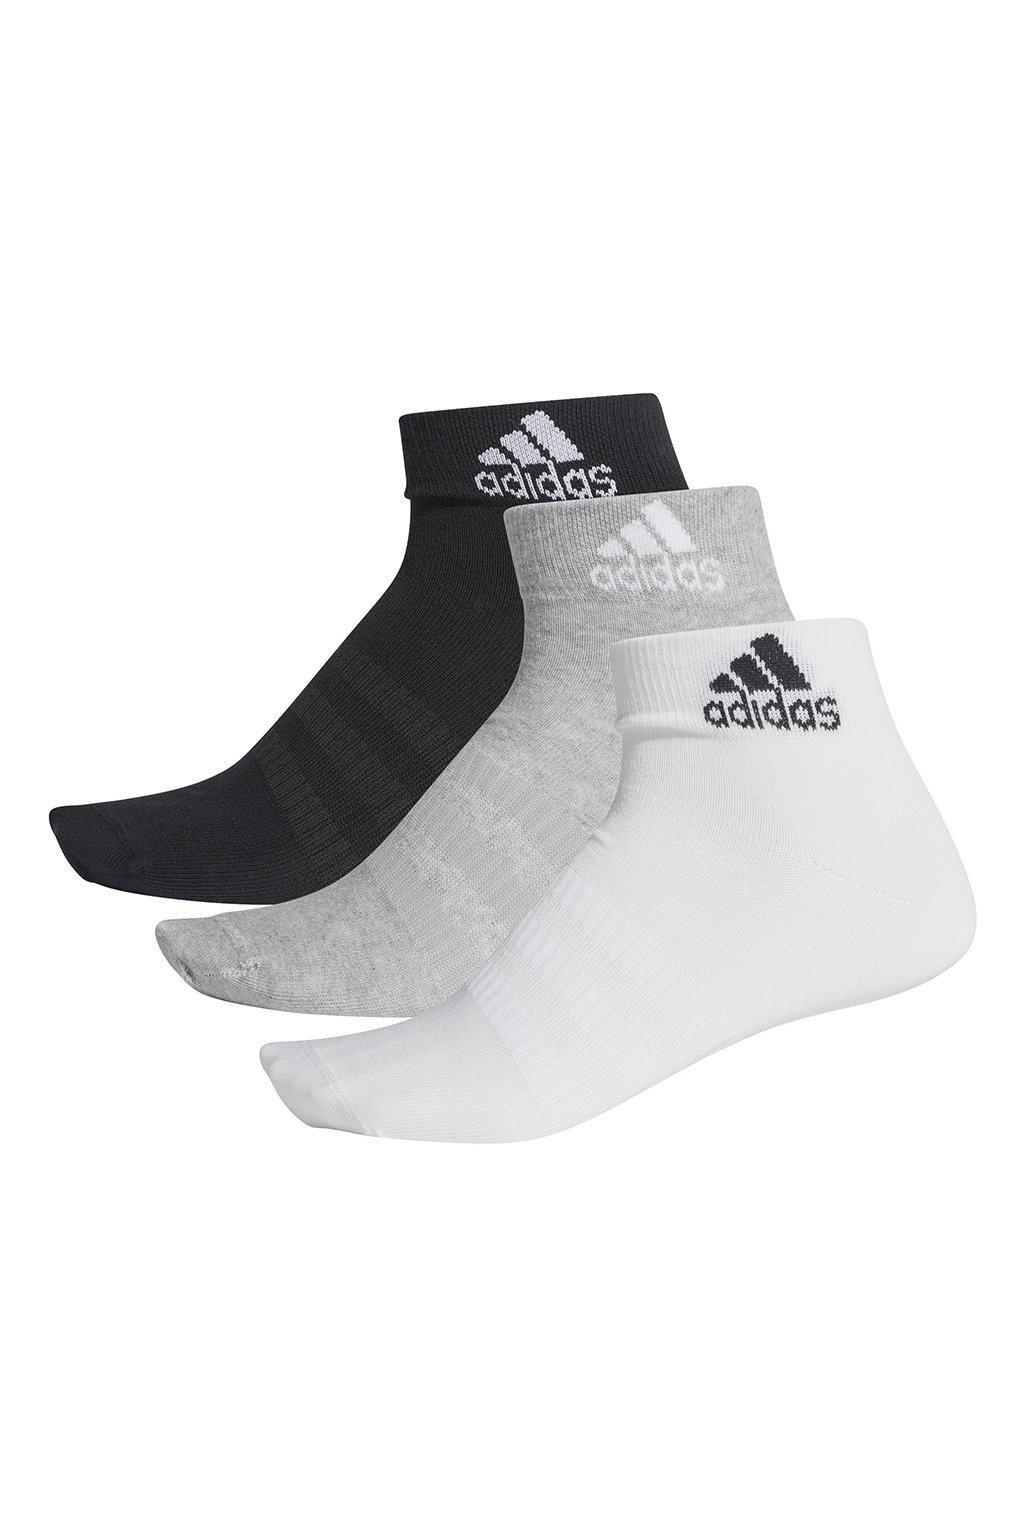 Ponožky adidas Light ANK 3PP čierne-šedé-biele DZ9434